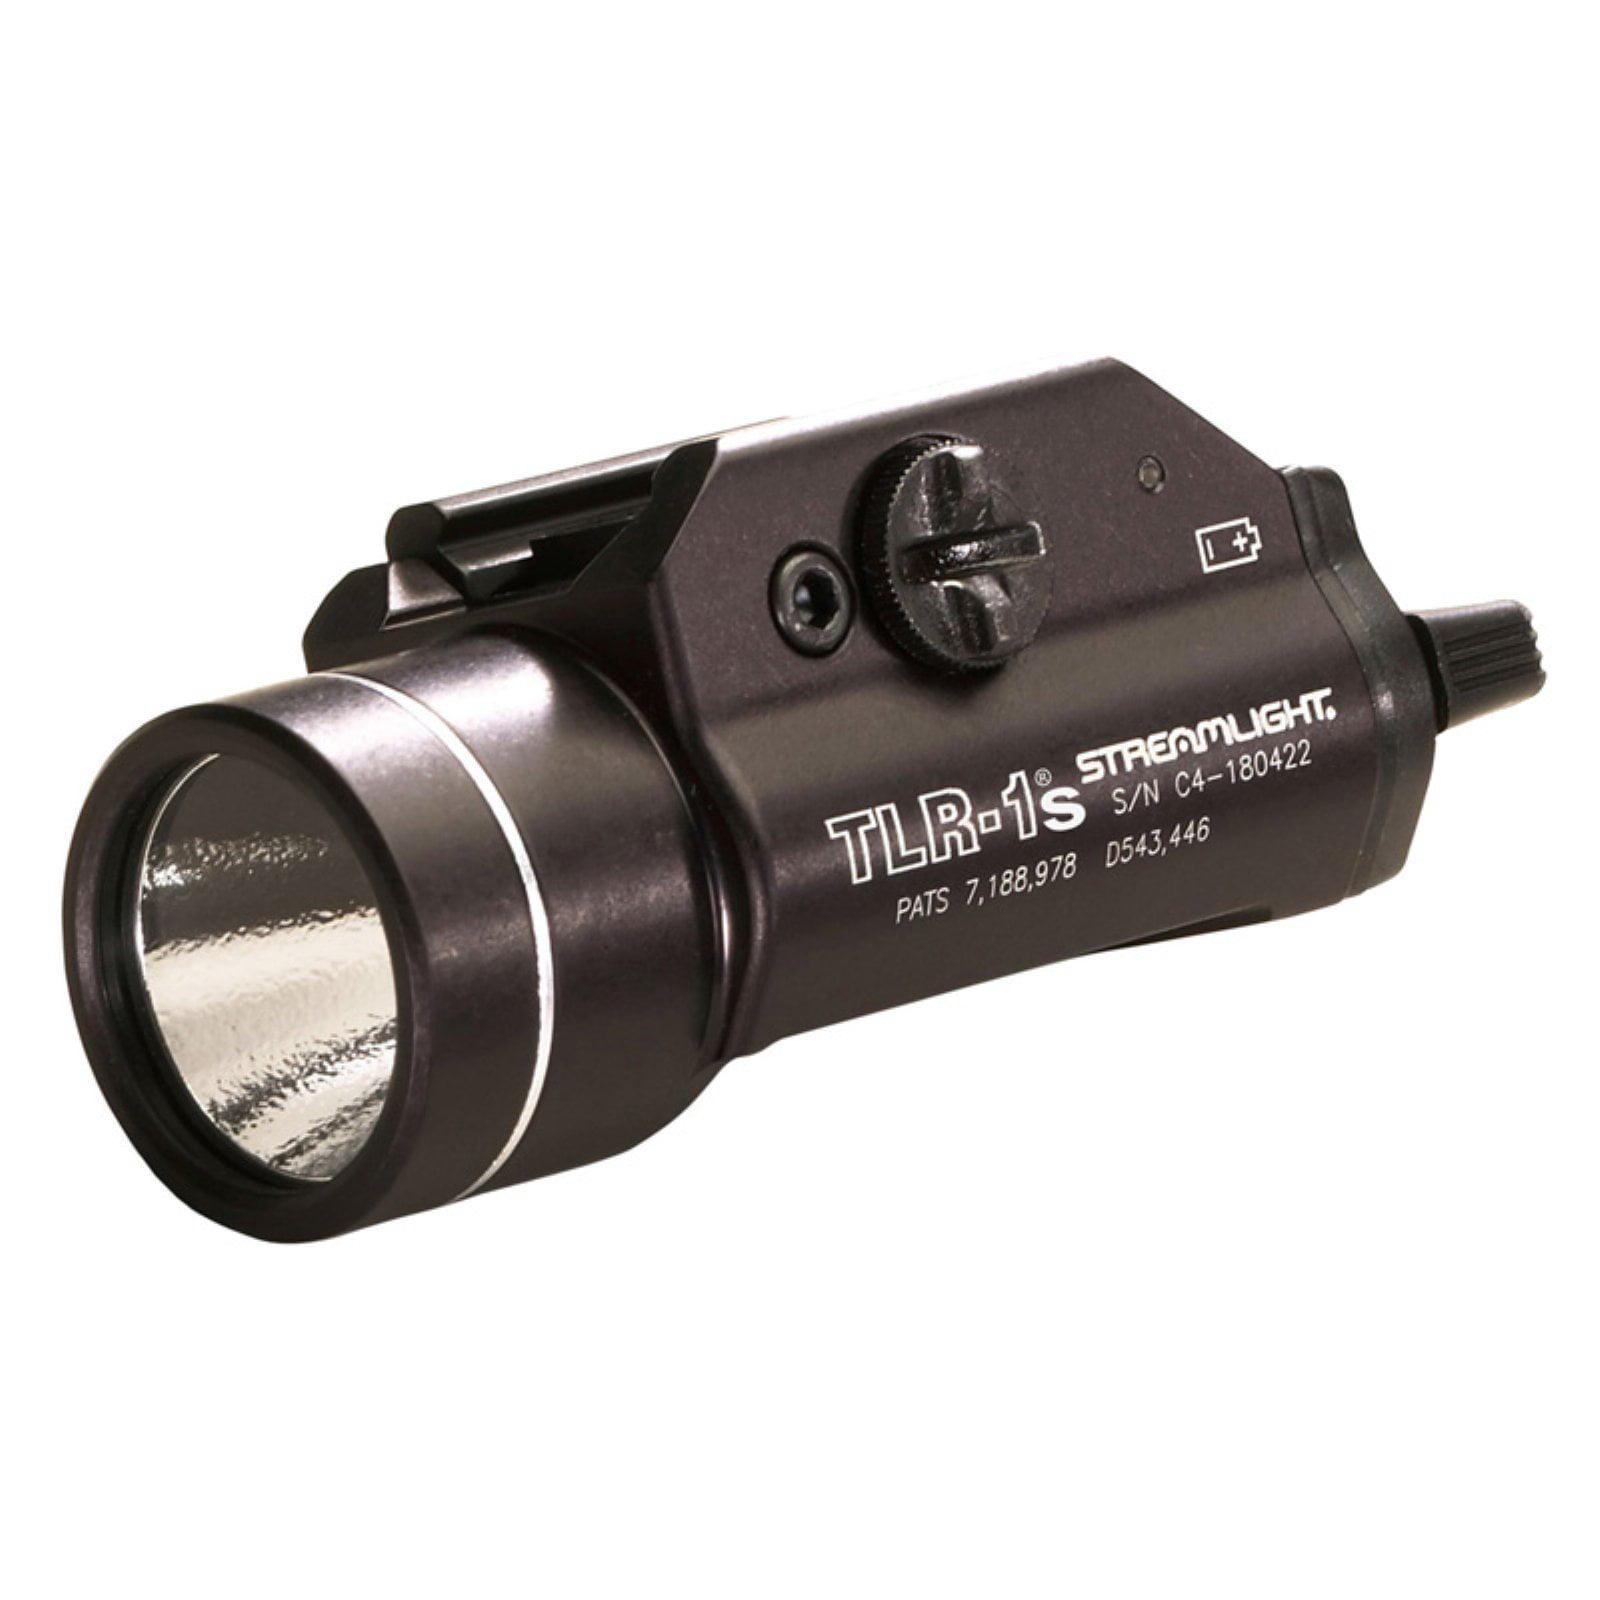 Streamlight TLR-1S Rail-Mount 300 Lumen Tactical LED Strobe Light, Black - 69210